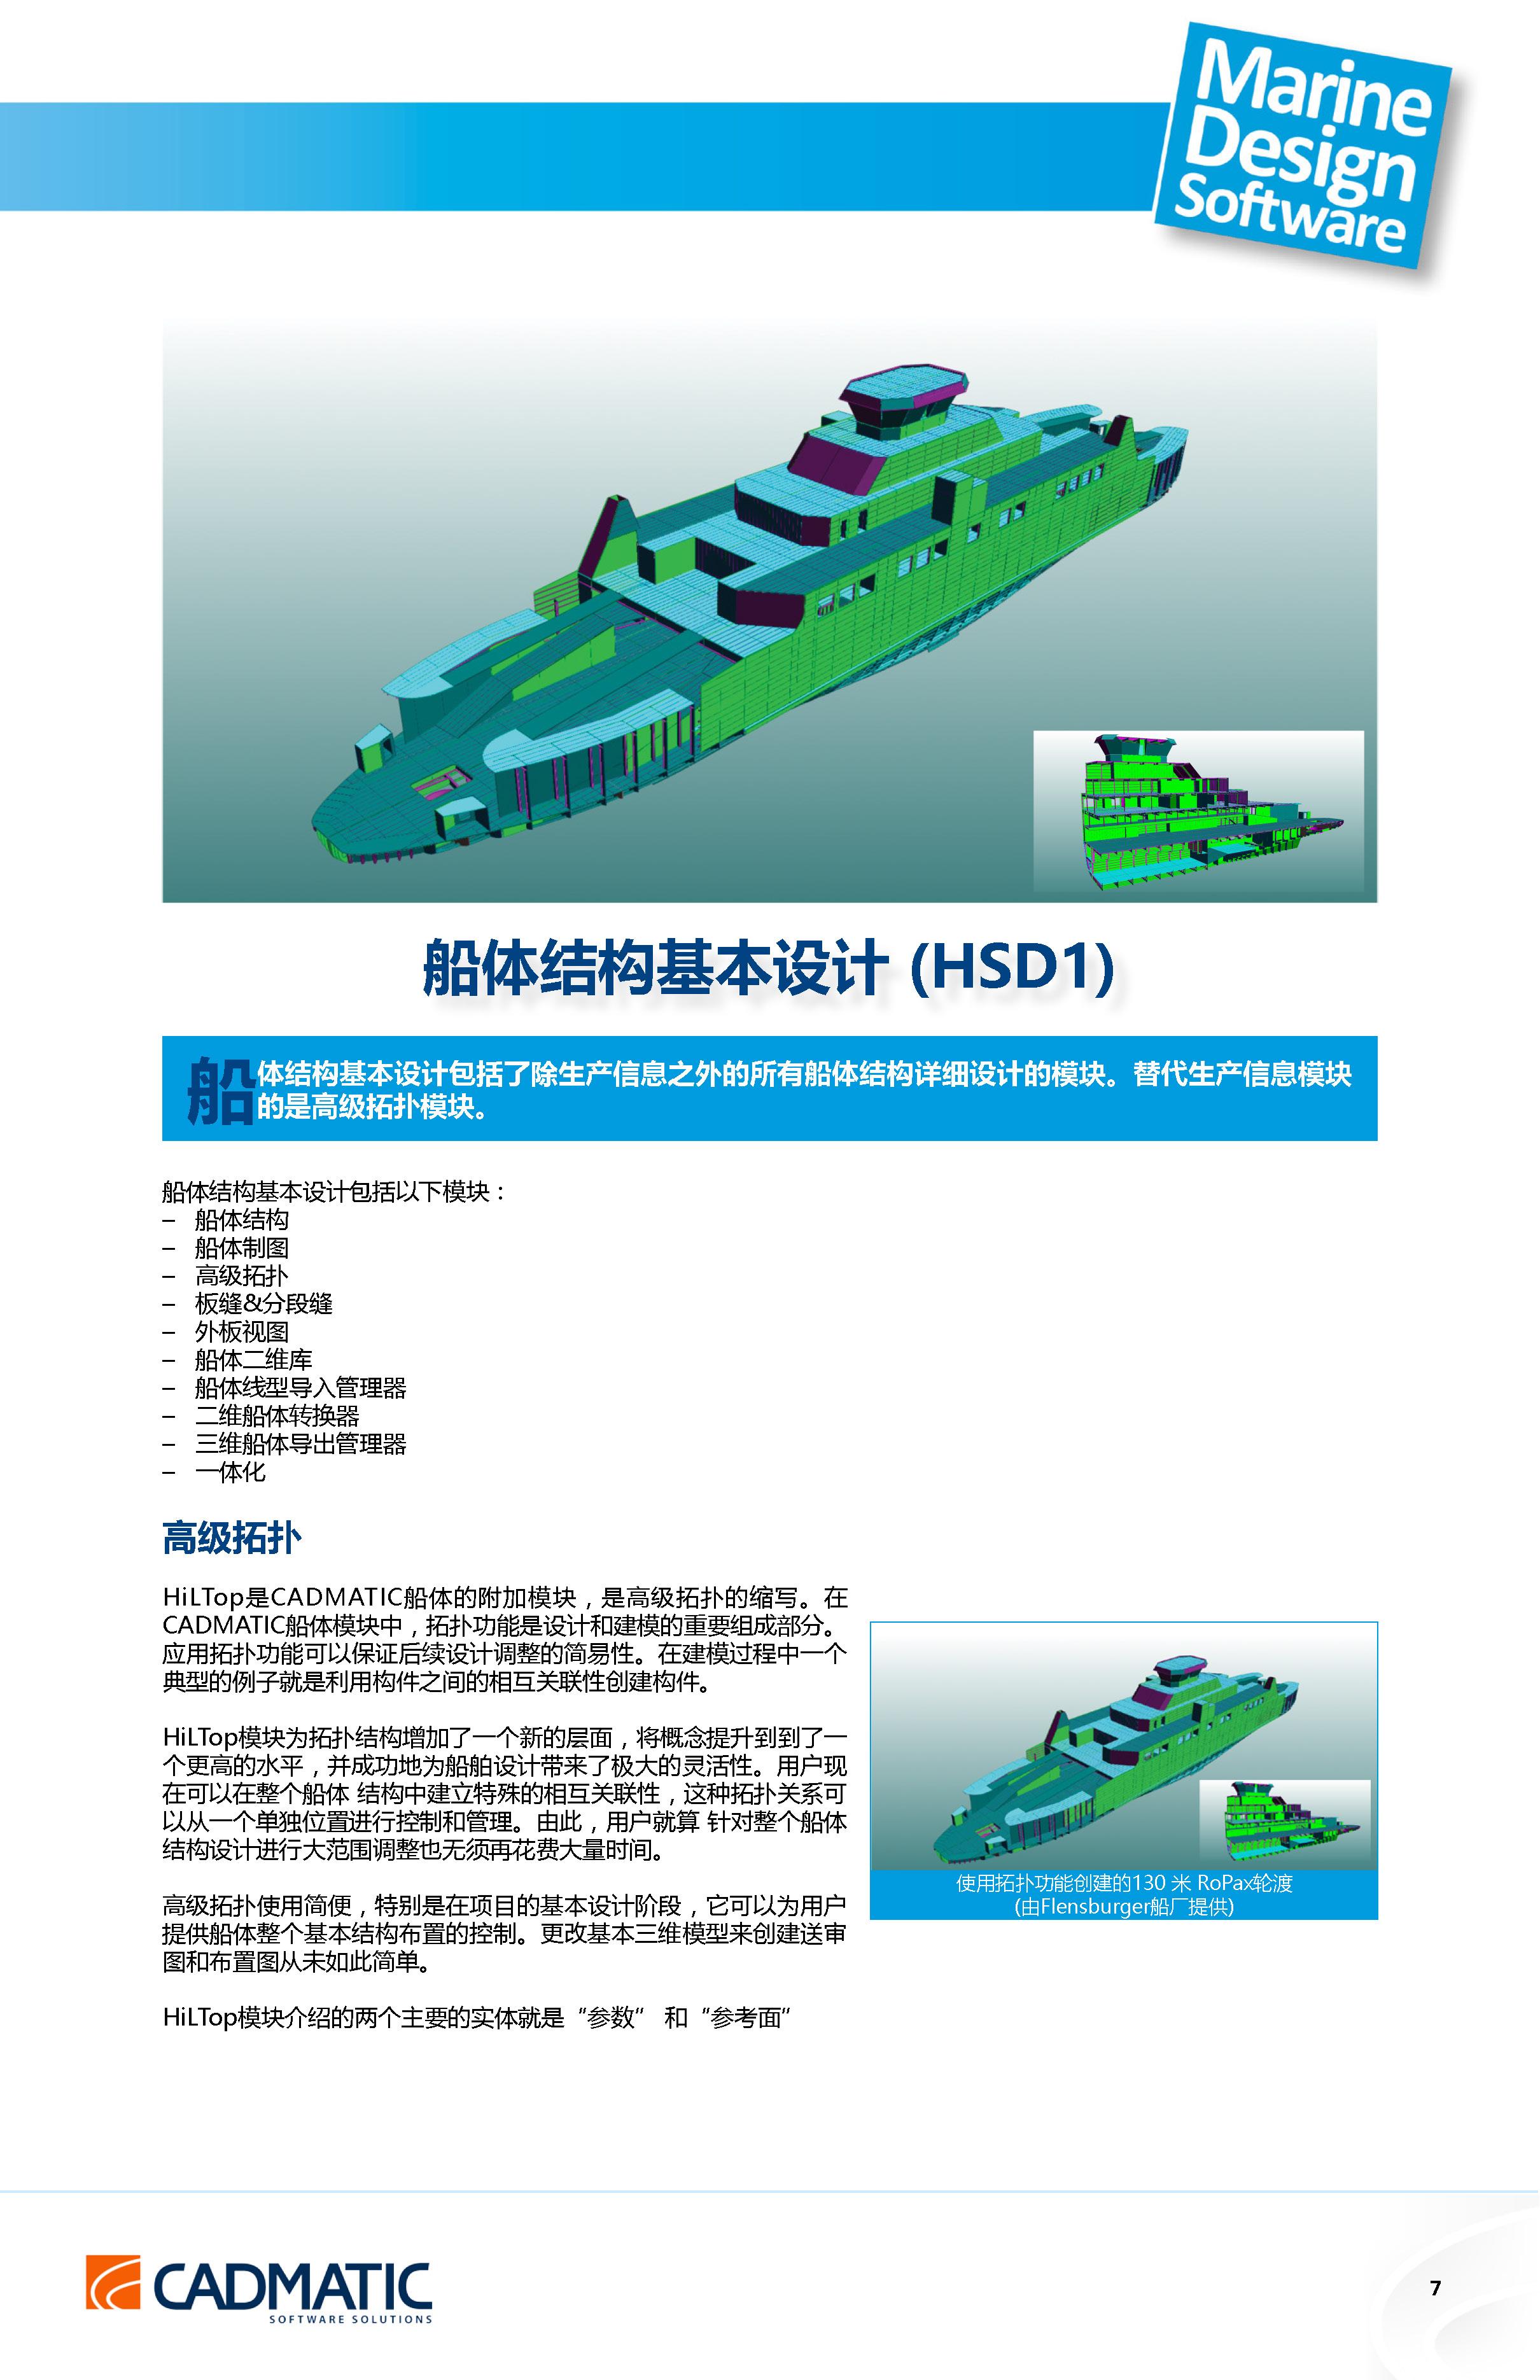 上海ag棋牌船舶设计软件CADMATIC